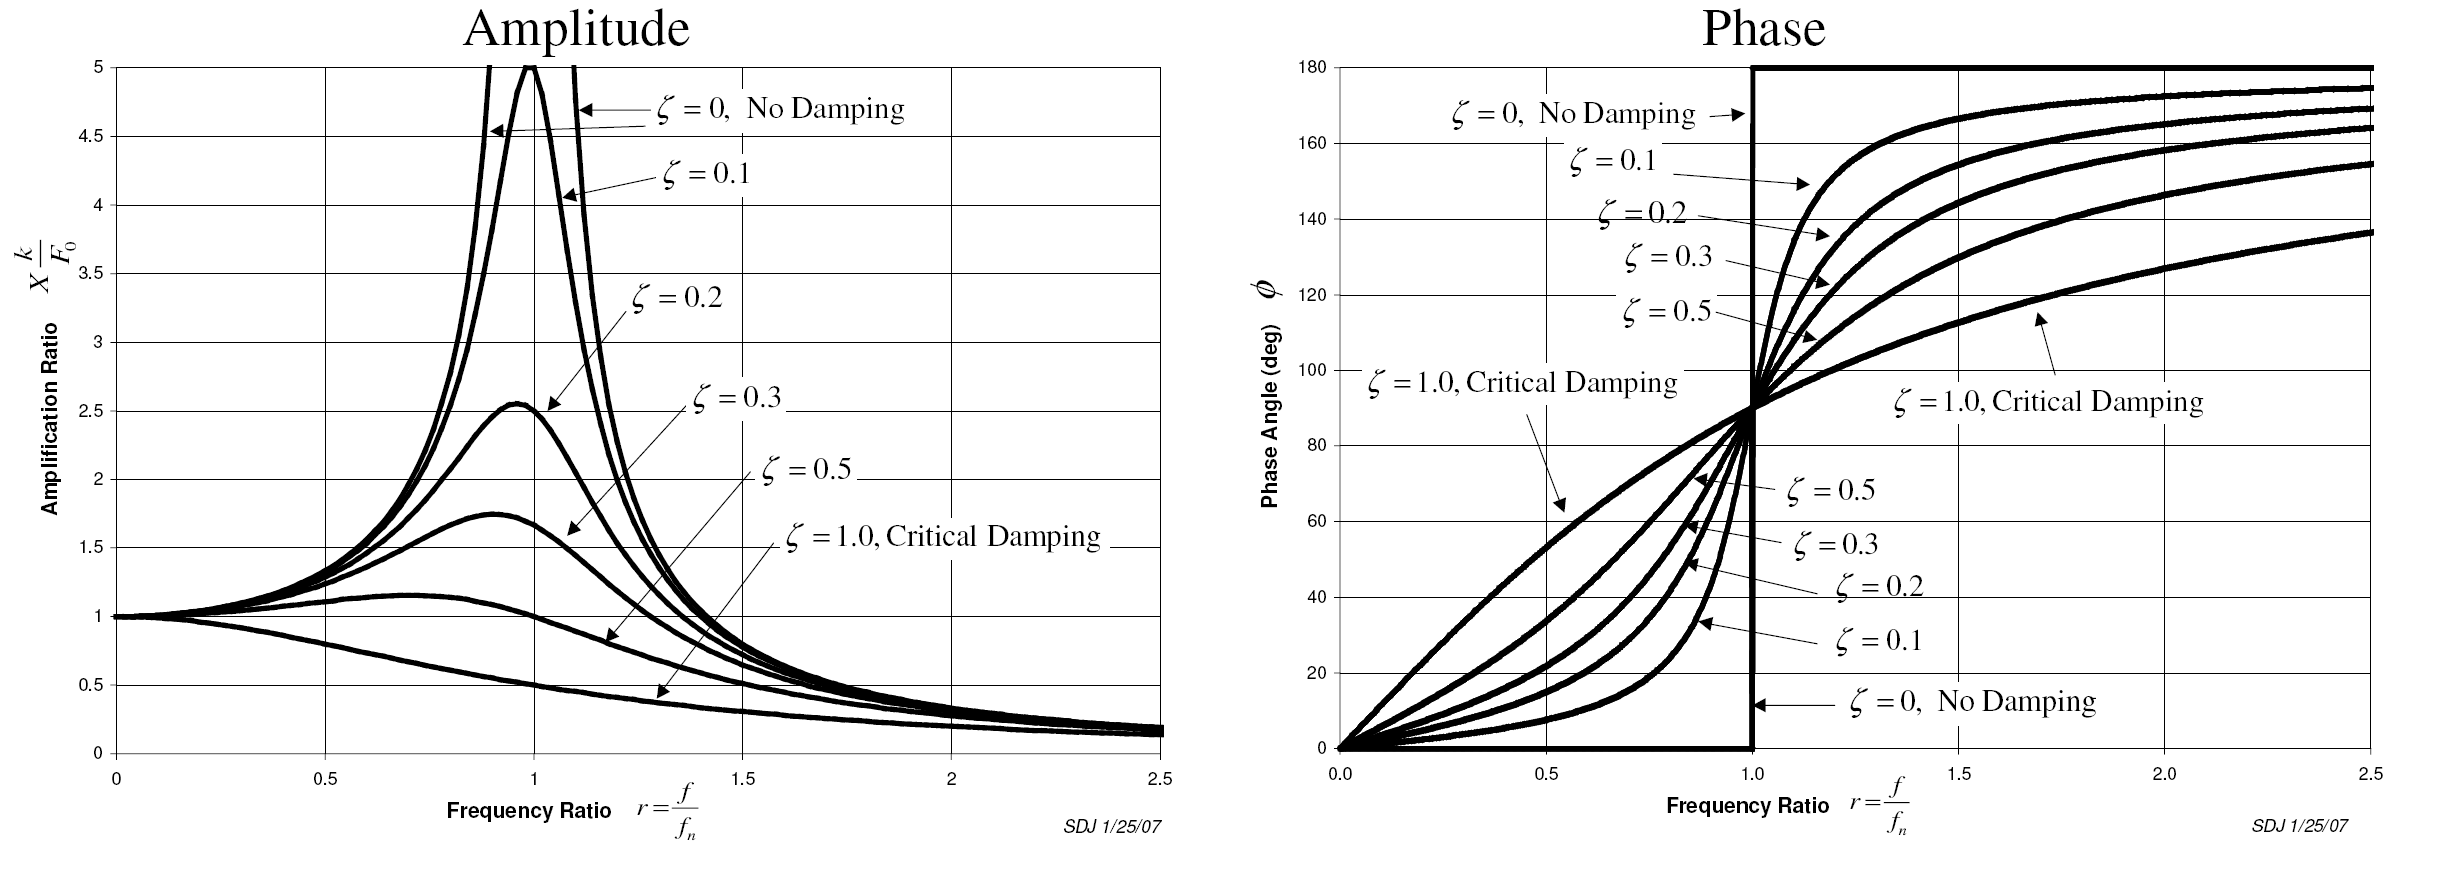 Phase Angle Equation